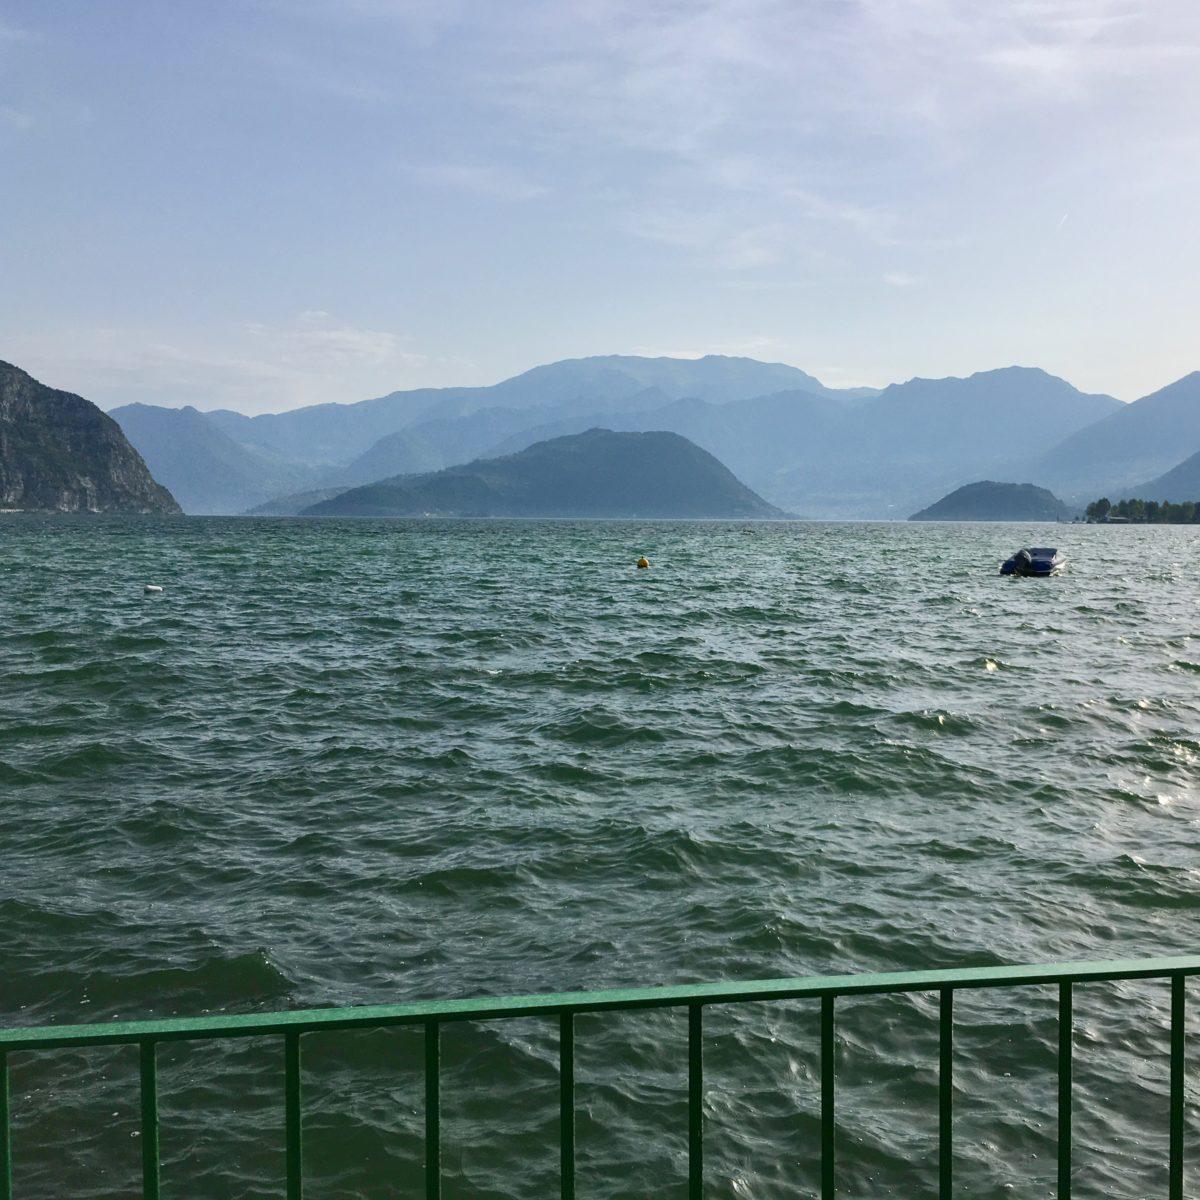 Blick auf den See und die Monte Isola, im Hintergrund der Monte Guglielmo o Golem